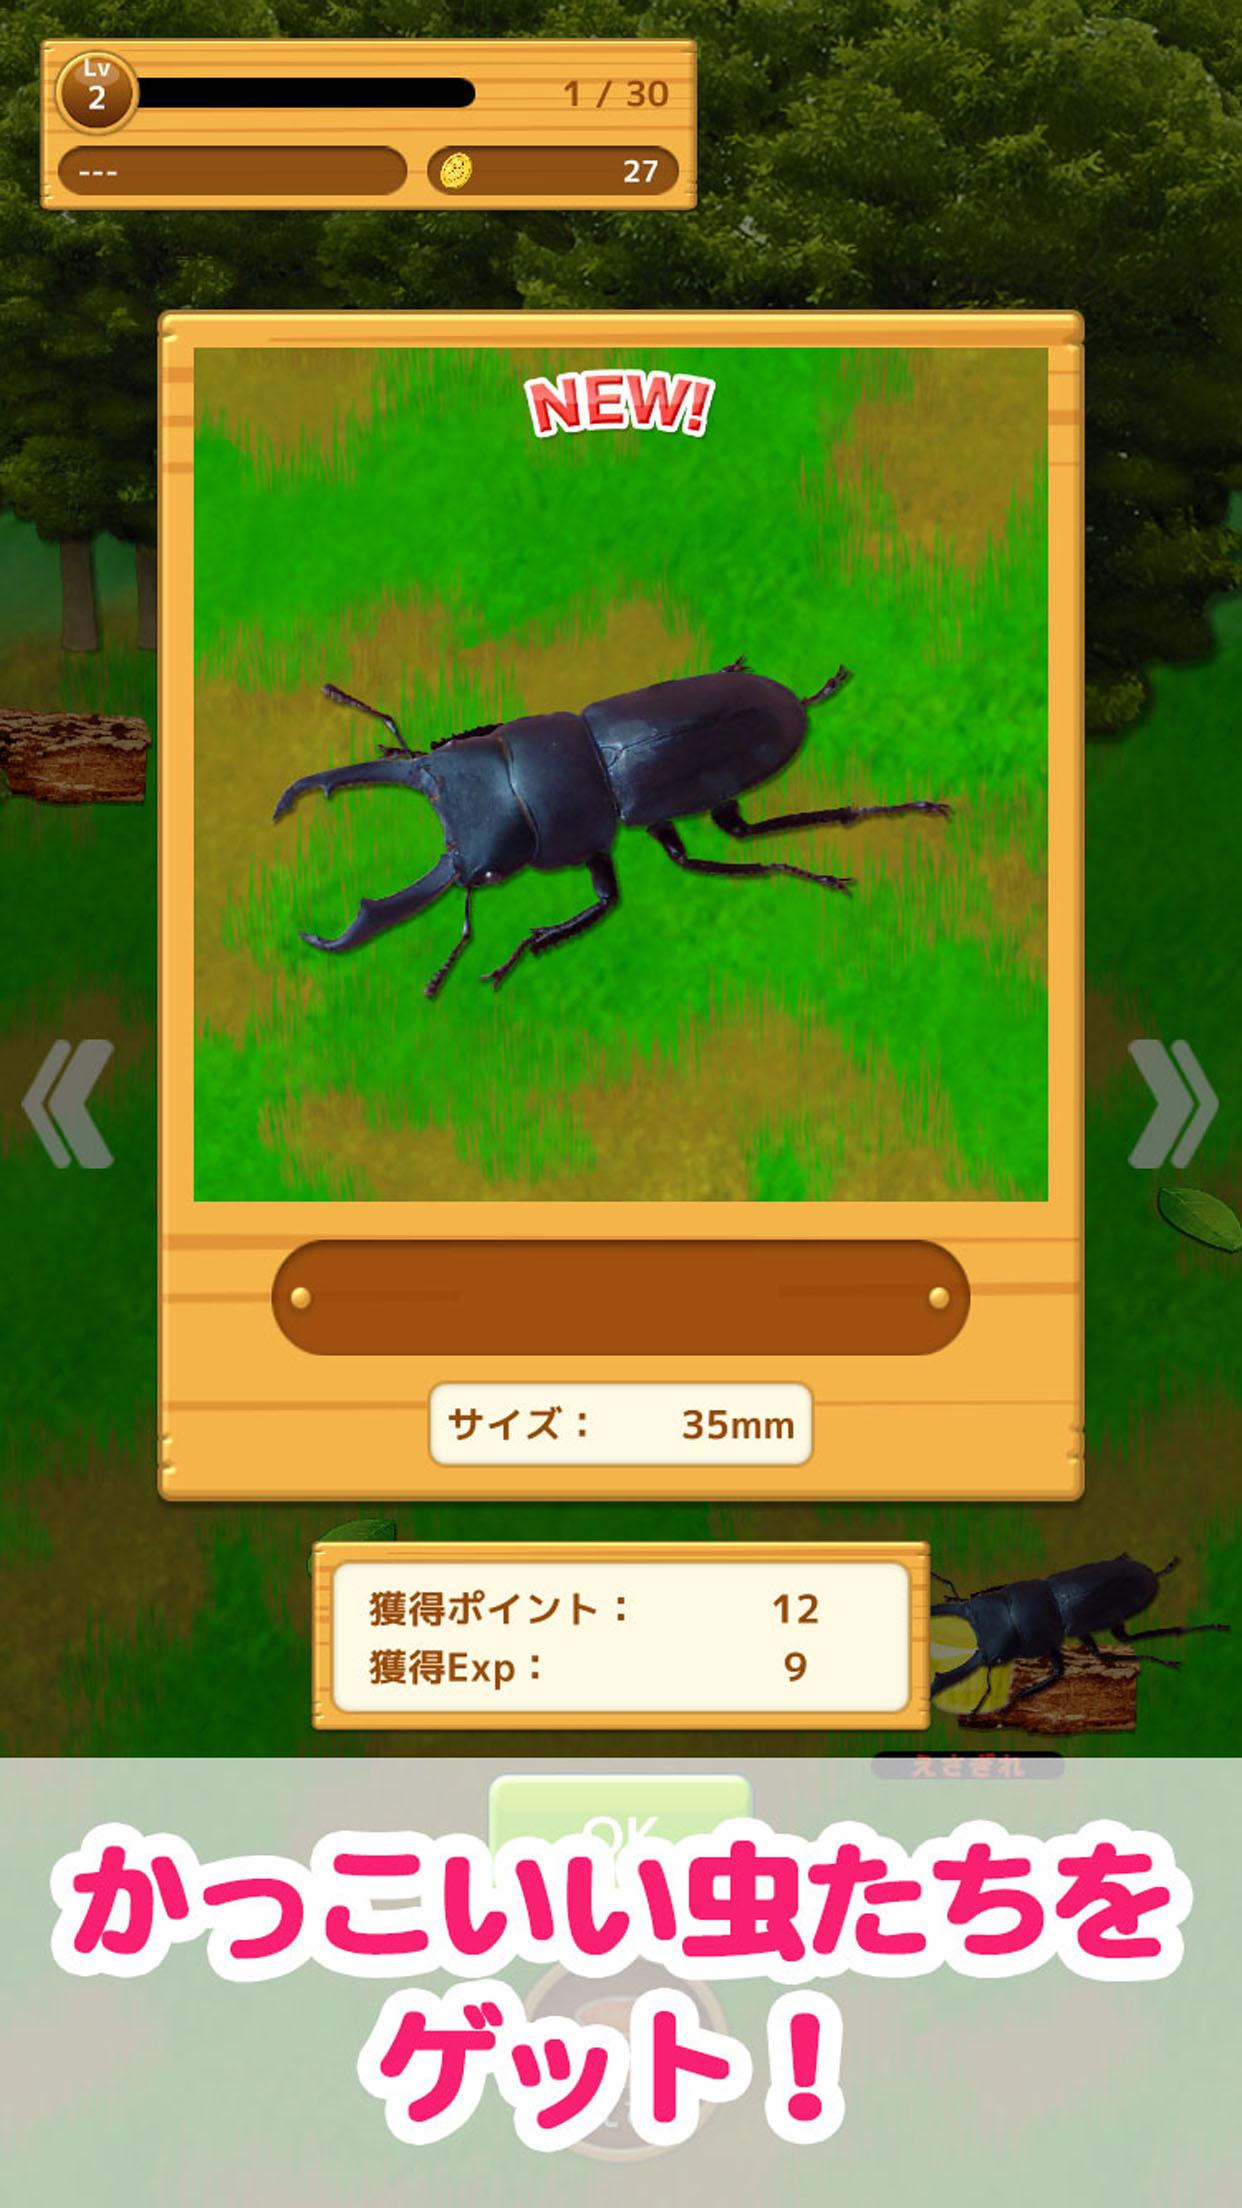 虫コレクション 虫ゲット